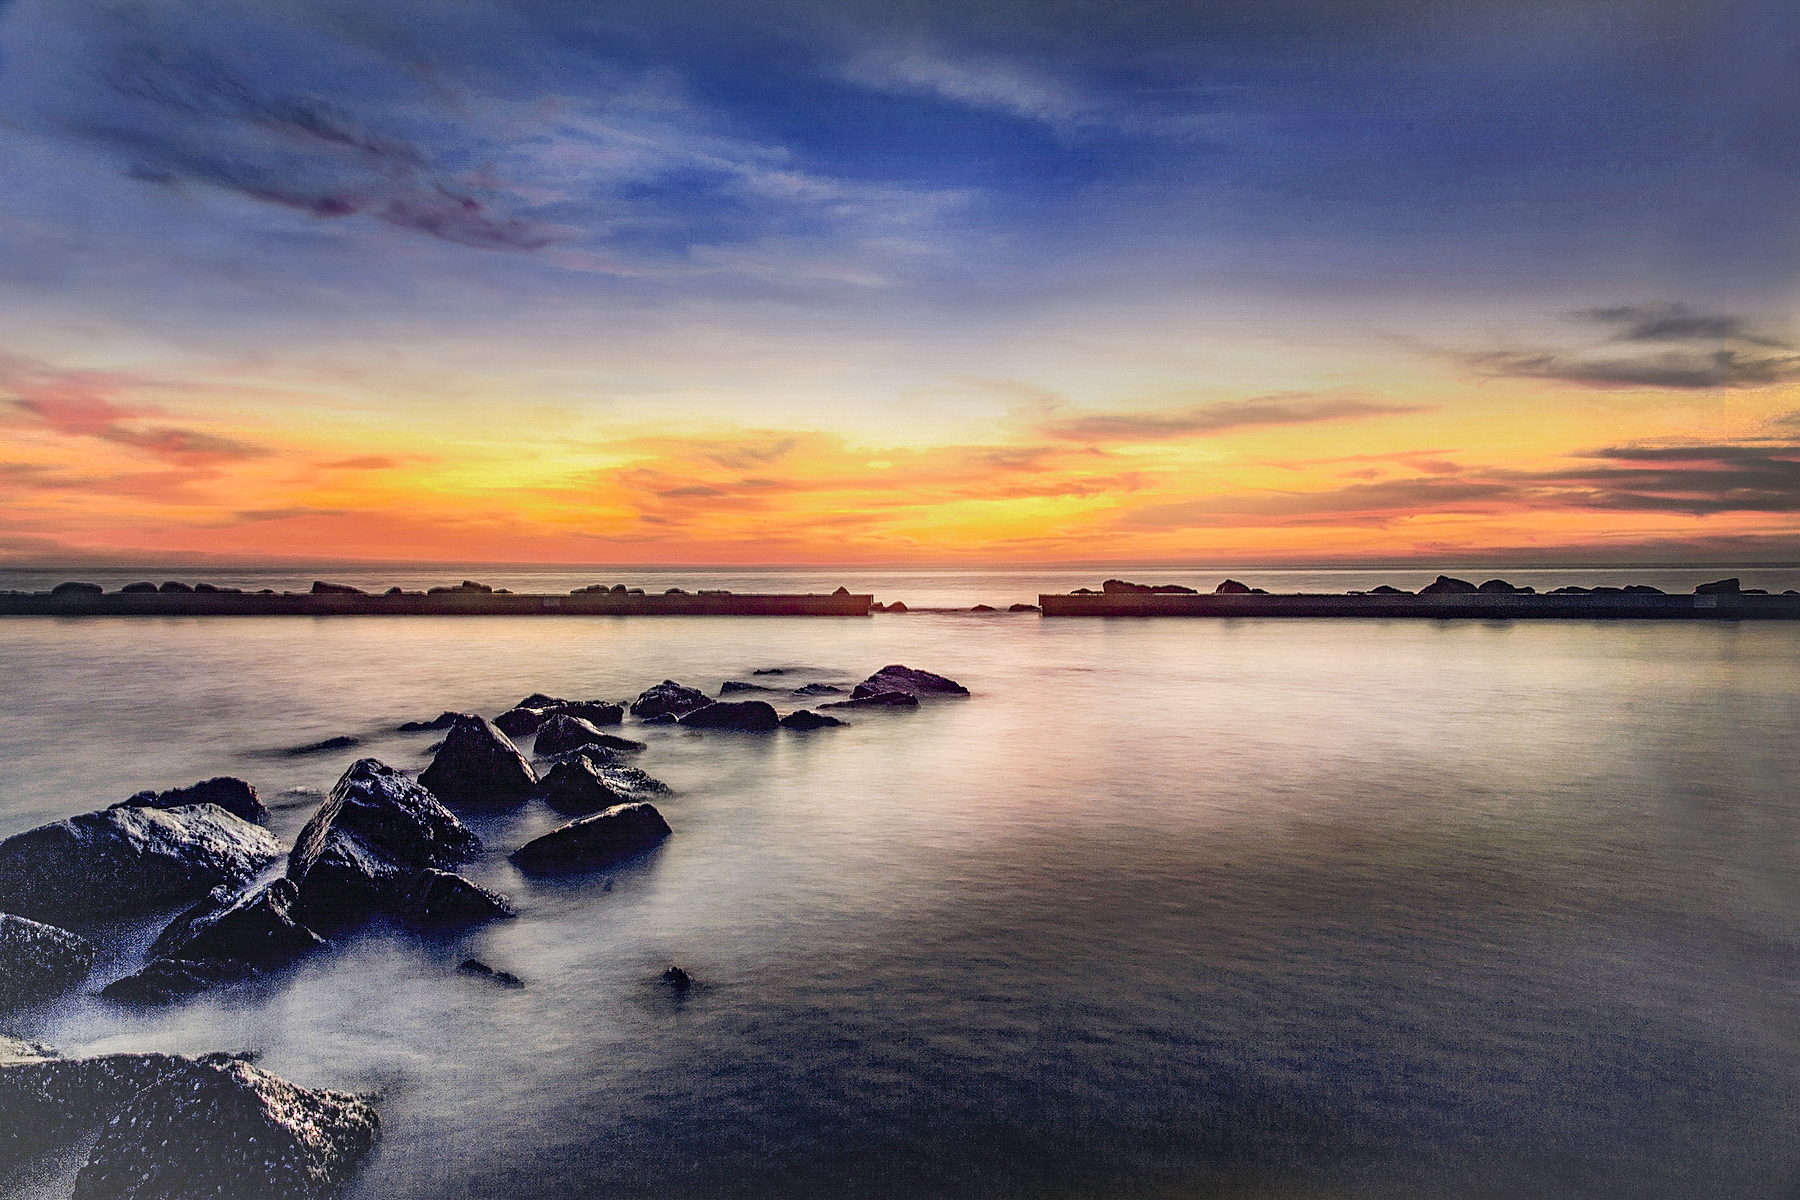 sunsetgulf